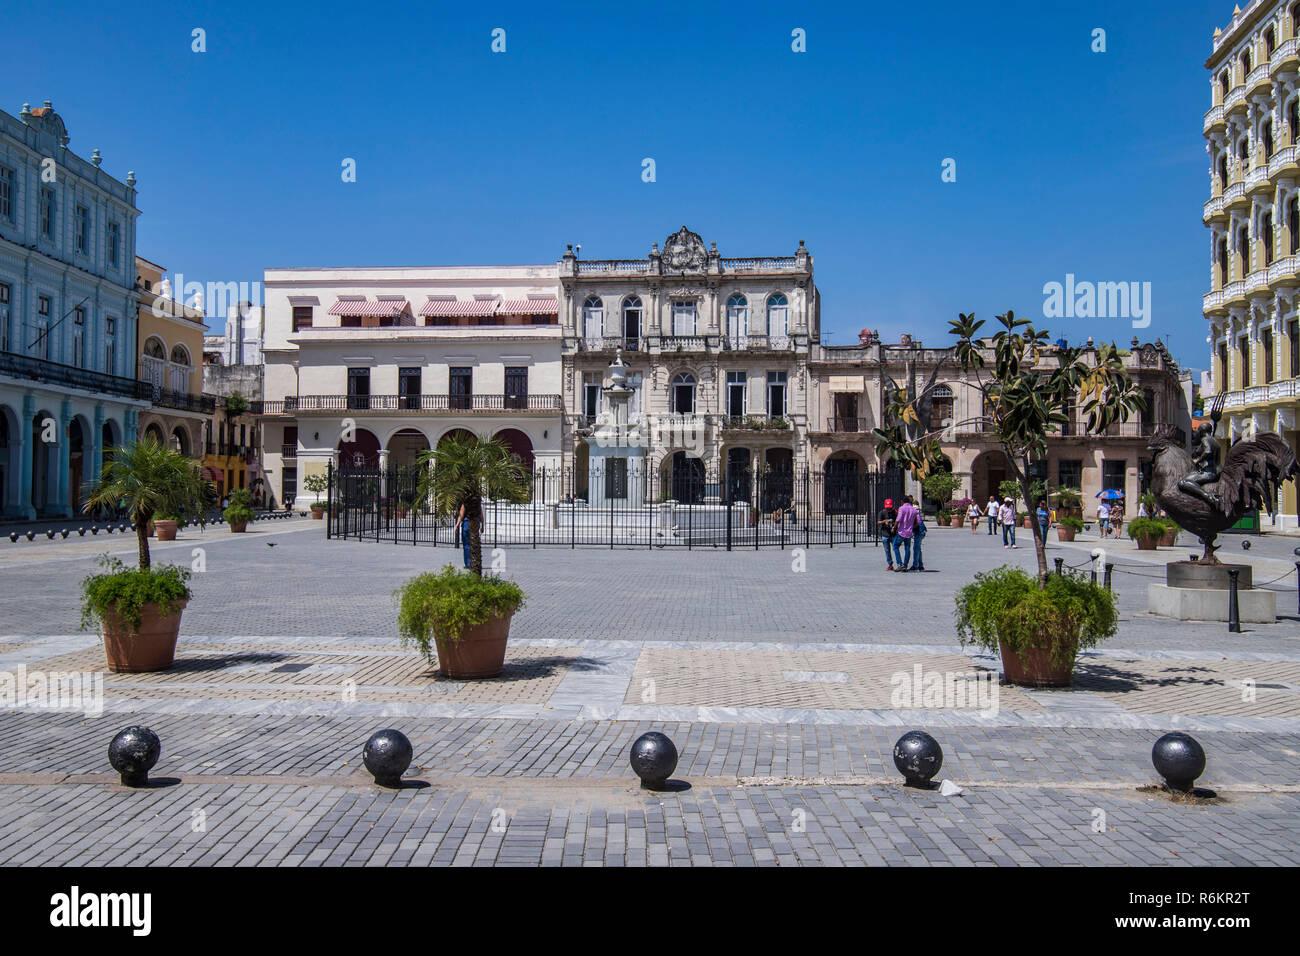 Aperçu de la plaza la place vieille ou de la Plaza Vieja Habana en espagnol, dans la Vieille Havane, Cuba. Le premier nom de la place était la plaza Nueva (nouvelle place) et n'a émergé comme un espace ouvert en 1559. Le site dans le cadre de la Vieille Havane est un UNESCO World Heritage Site. Aujourd'hui, le carré est une destination touristique populaire avec de nombreux bars et restaurants avec de la musique live dans la nuit. Photo Stock